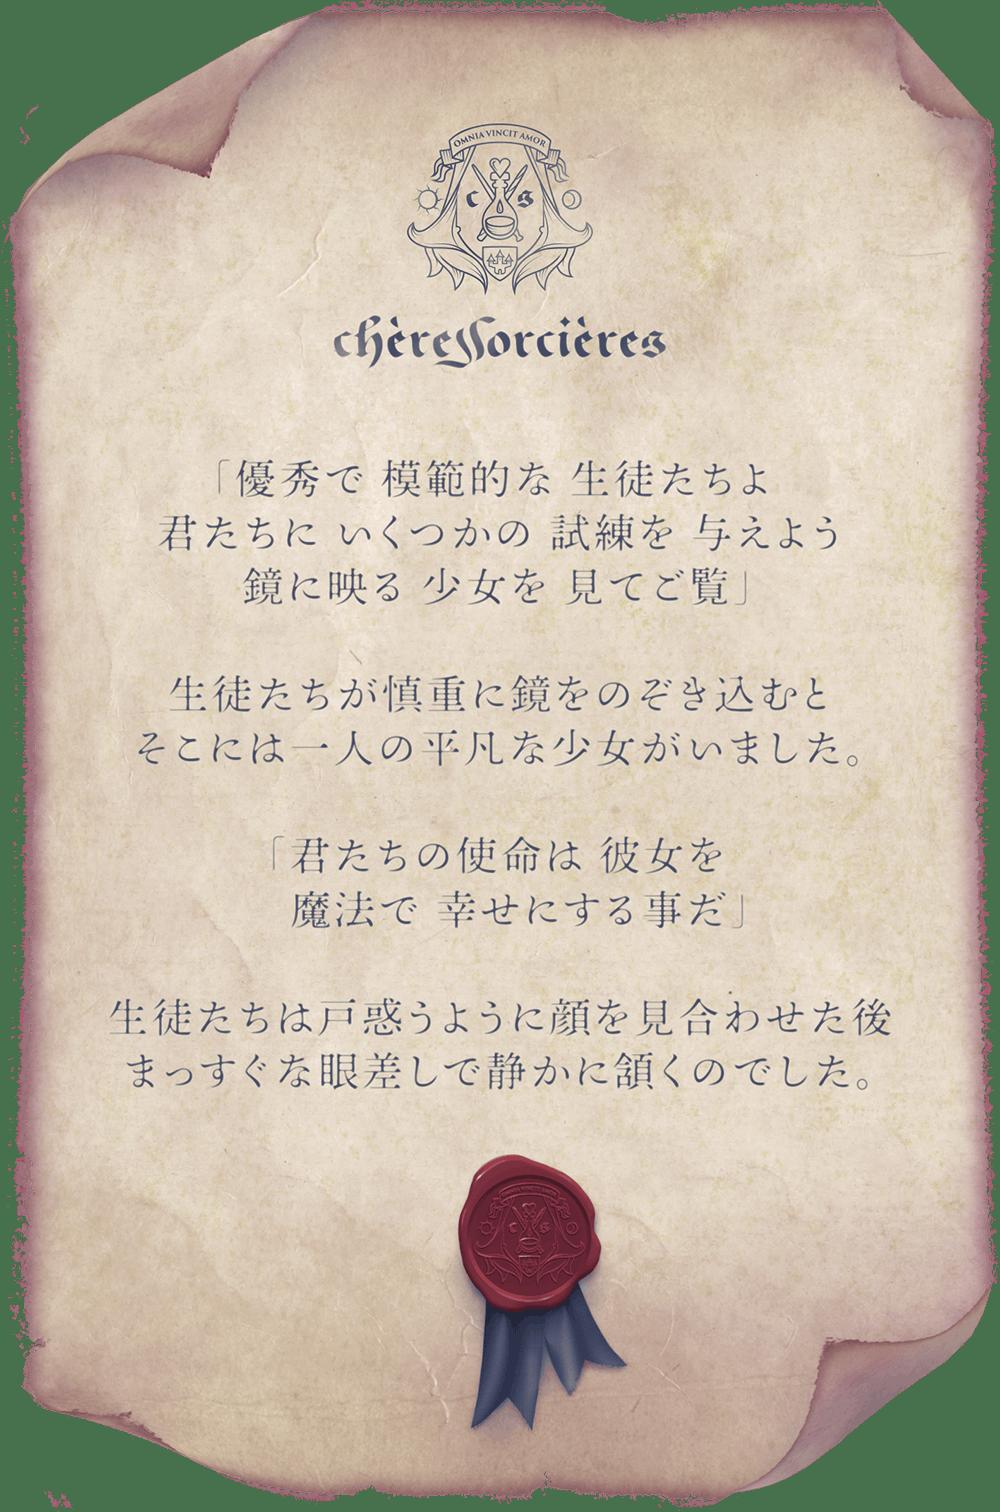 偉大なる魔法使いからの手紙